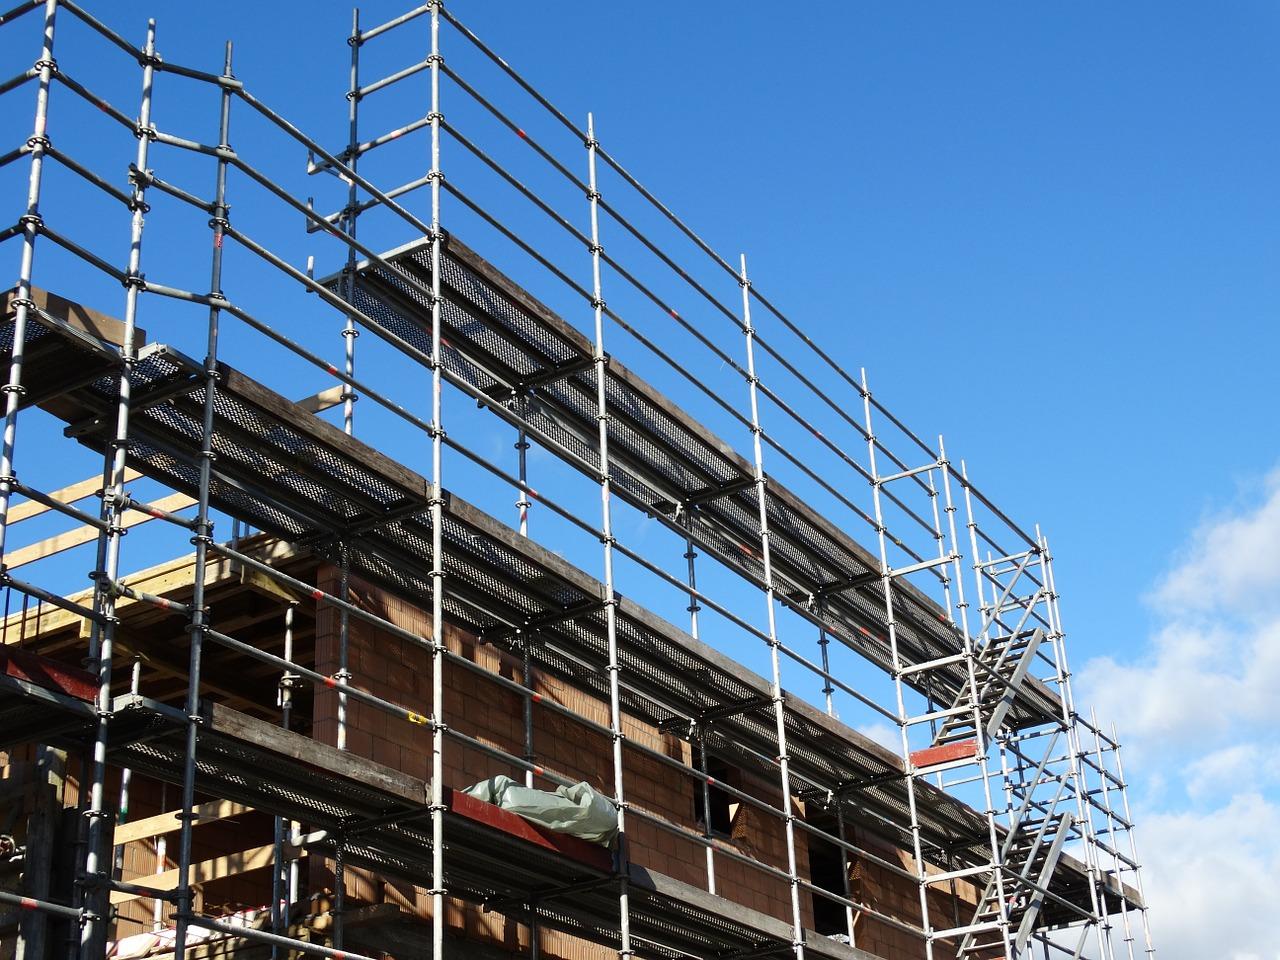 scaffolding-595607_1280